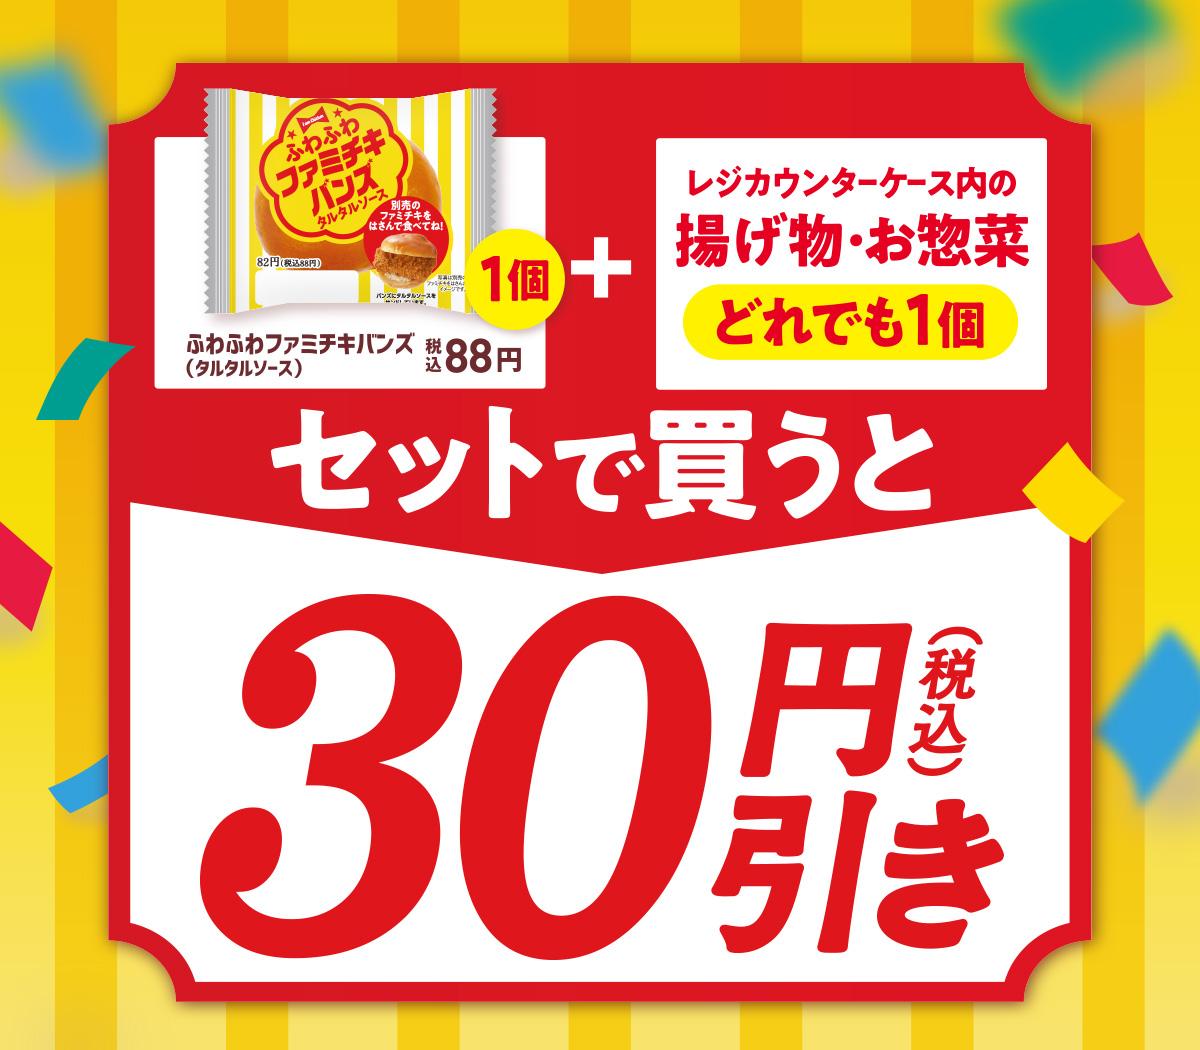 ファミチキバンズと揚げ物・惣菜を買うと30円引き。~7/19。